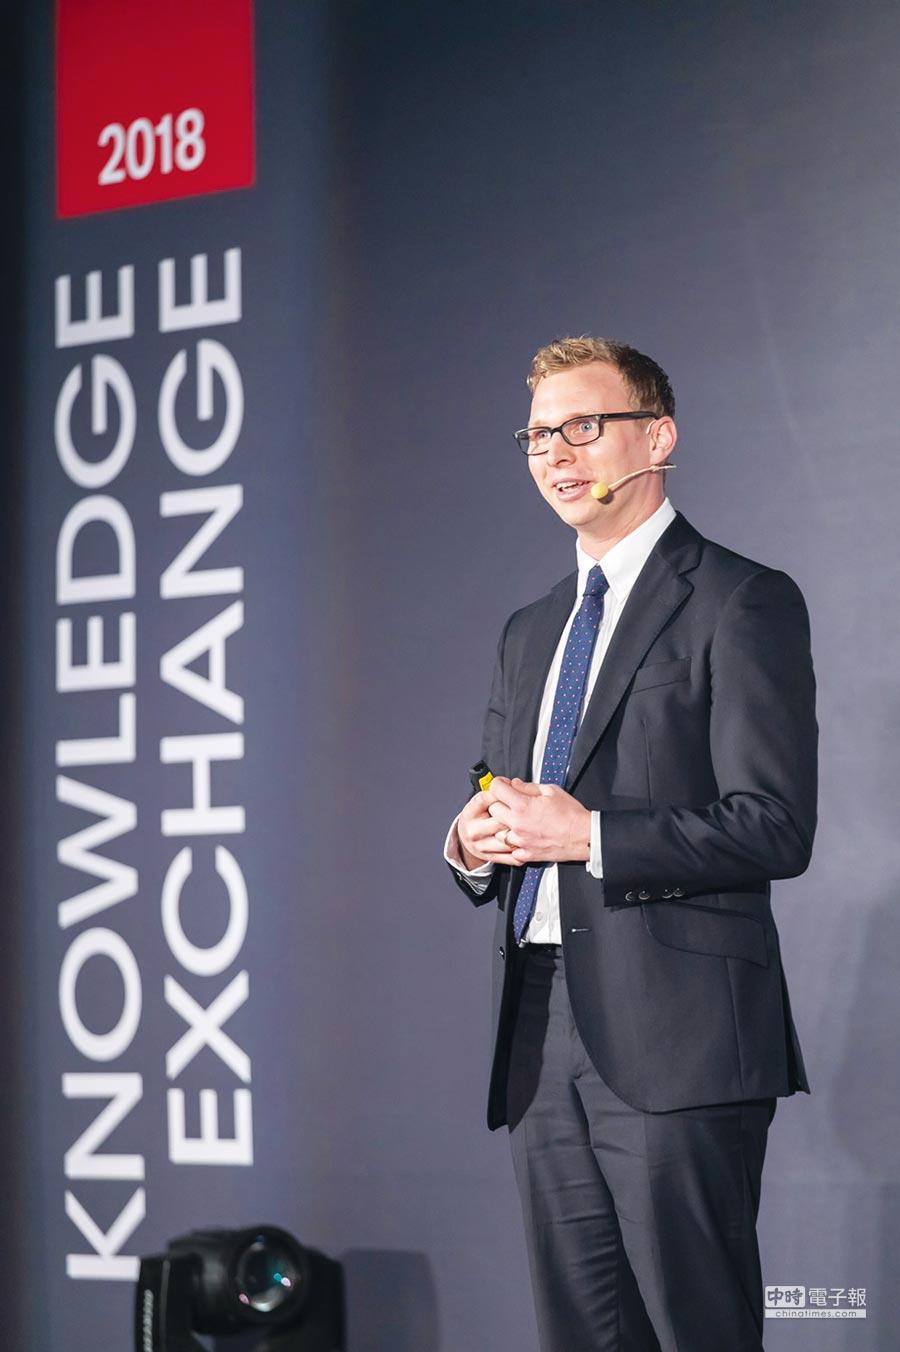 駿利亨德森歐洲股票客戶組合經理人Richard Brown。圖/業者提供